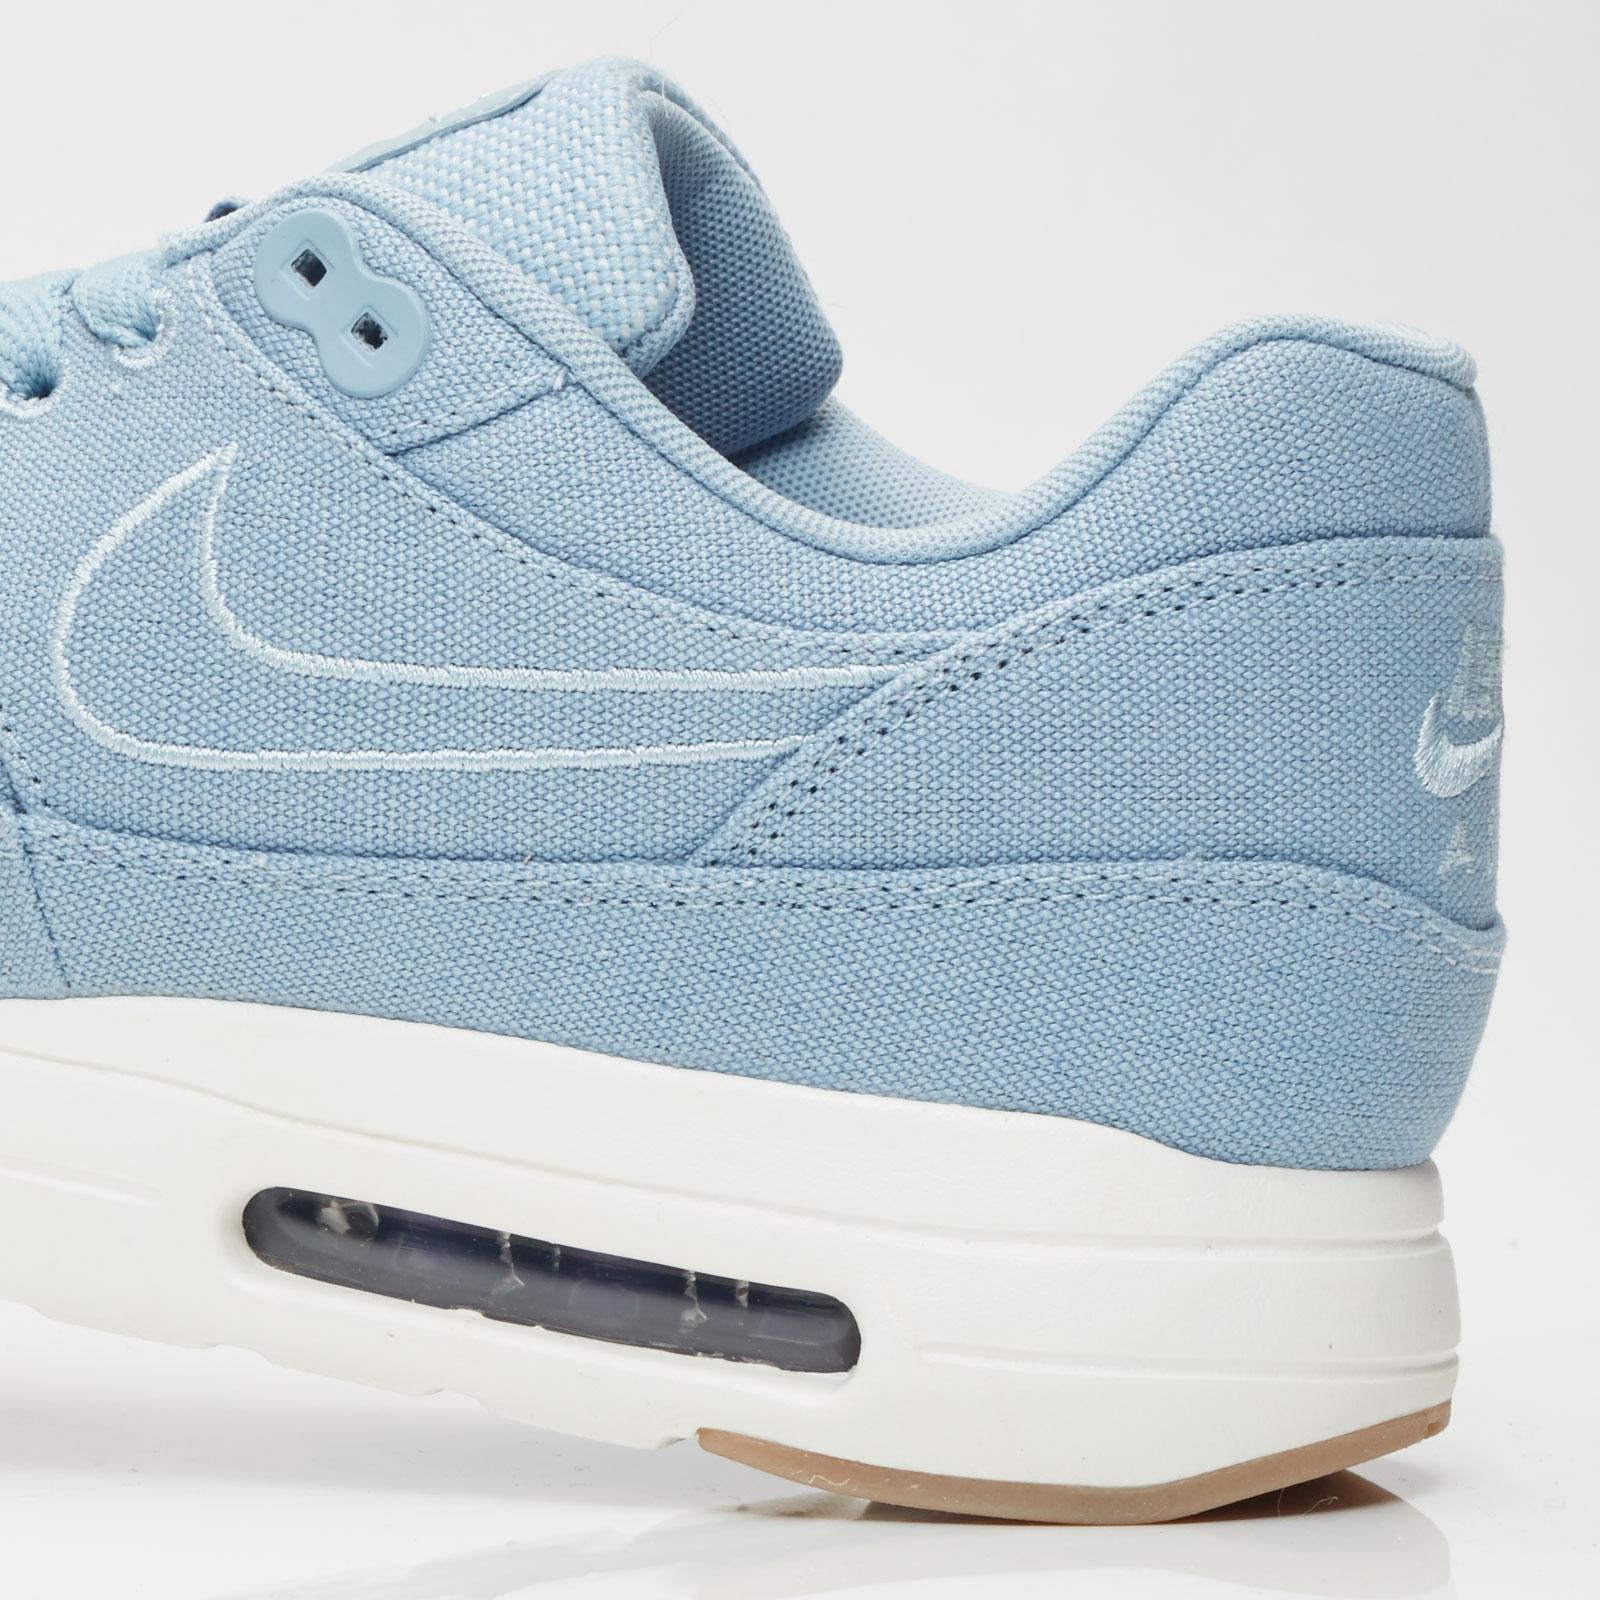 898009 Sneakersnstuff 401 Max Nike 1 Air Ultra 2 Txt 0 UGqzVpSM